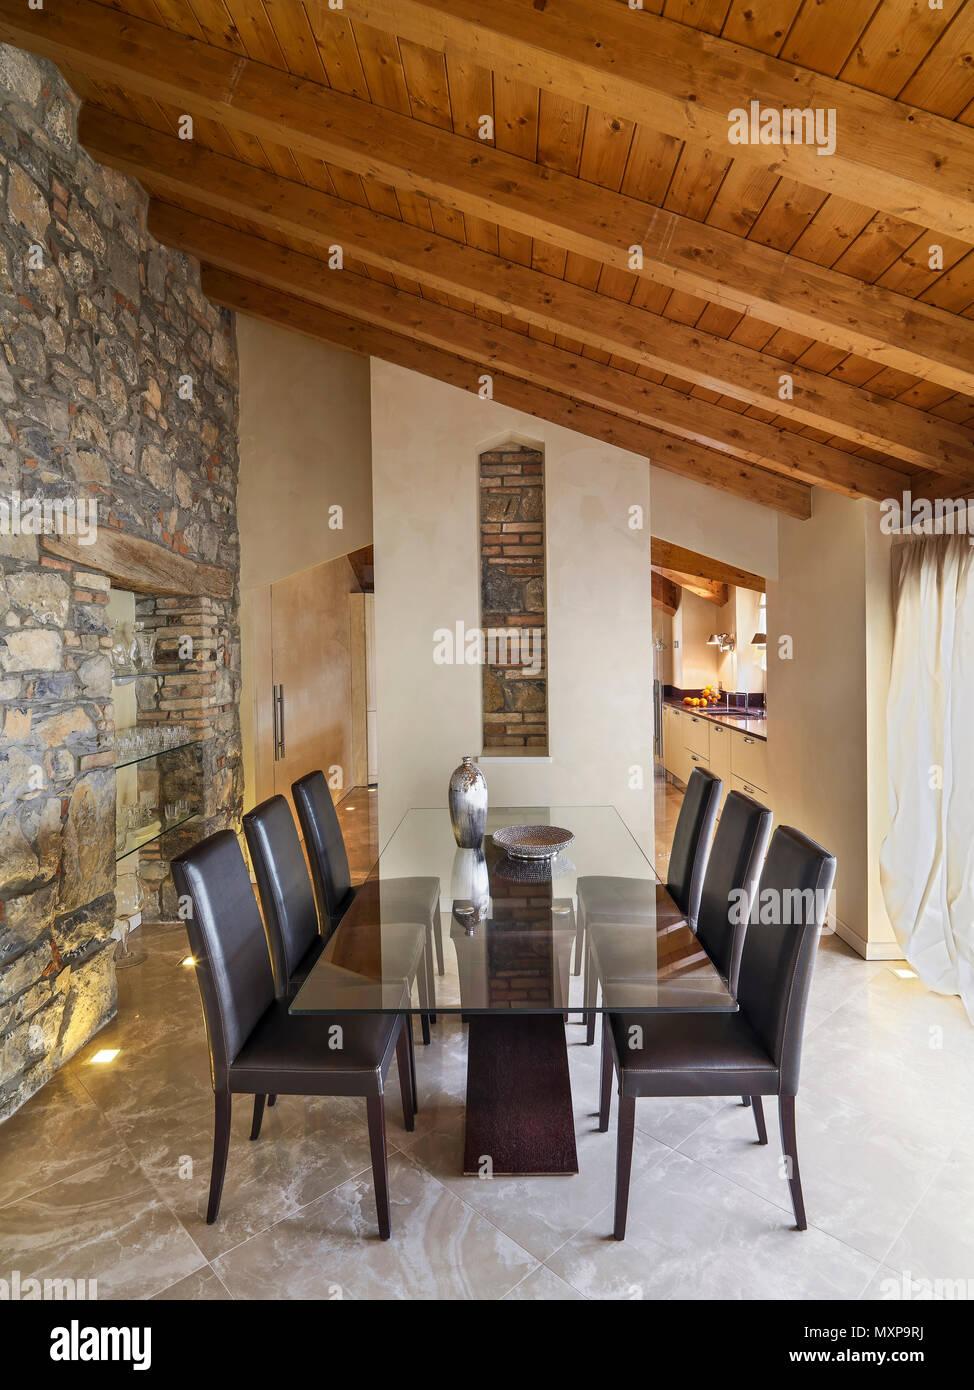 Comedor interior en primer plano el cristal mesa de for Sillas comedor cuero marron